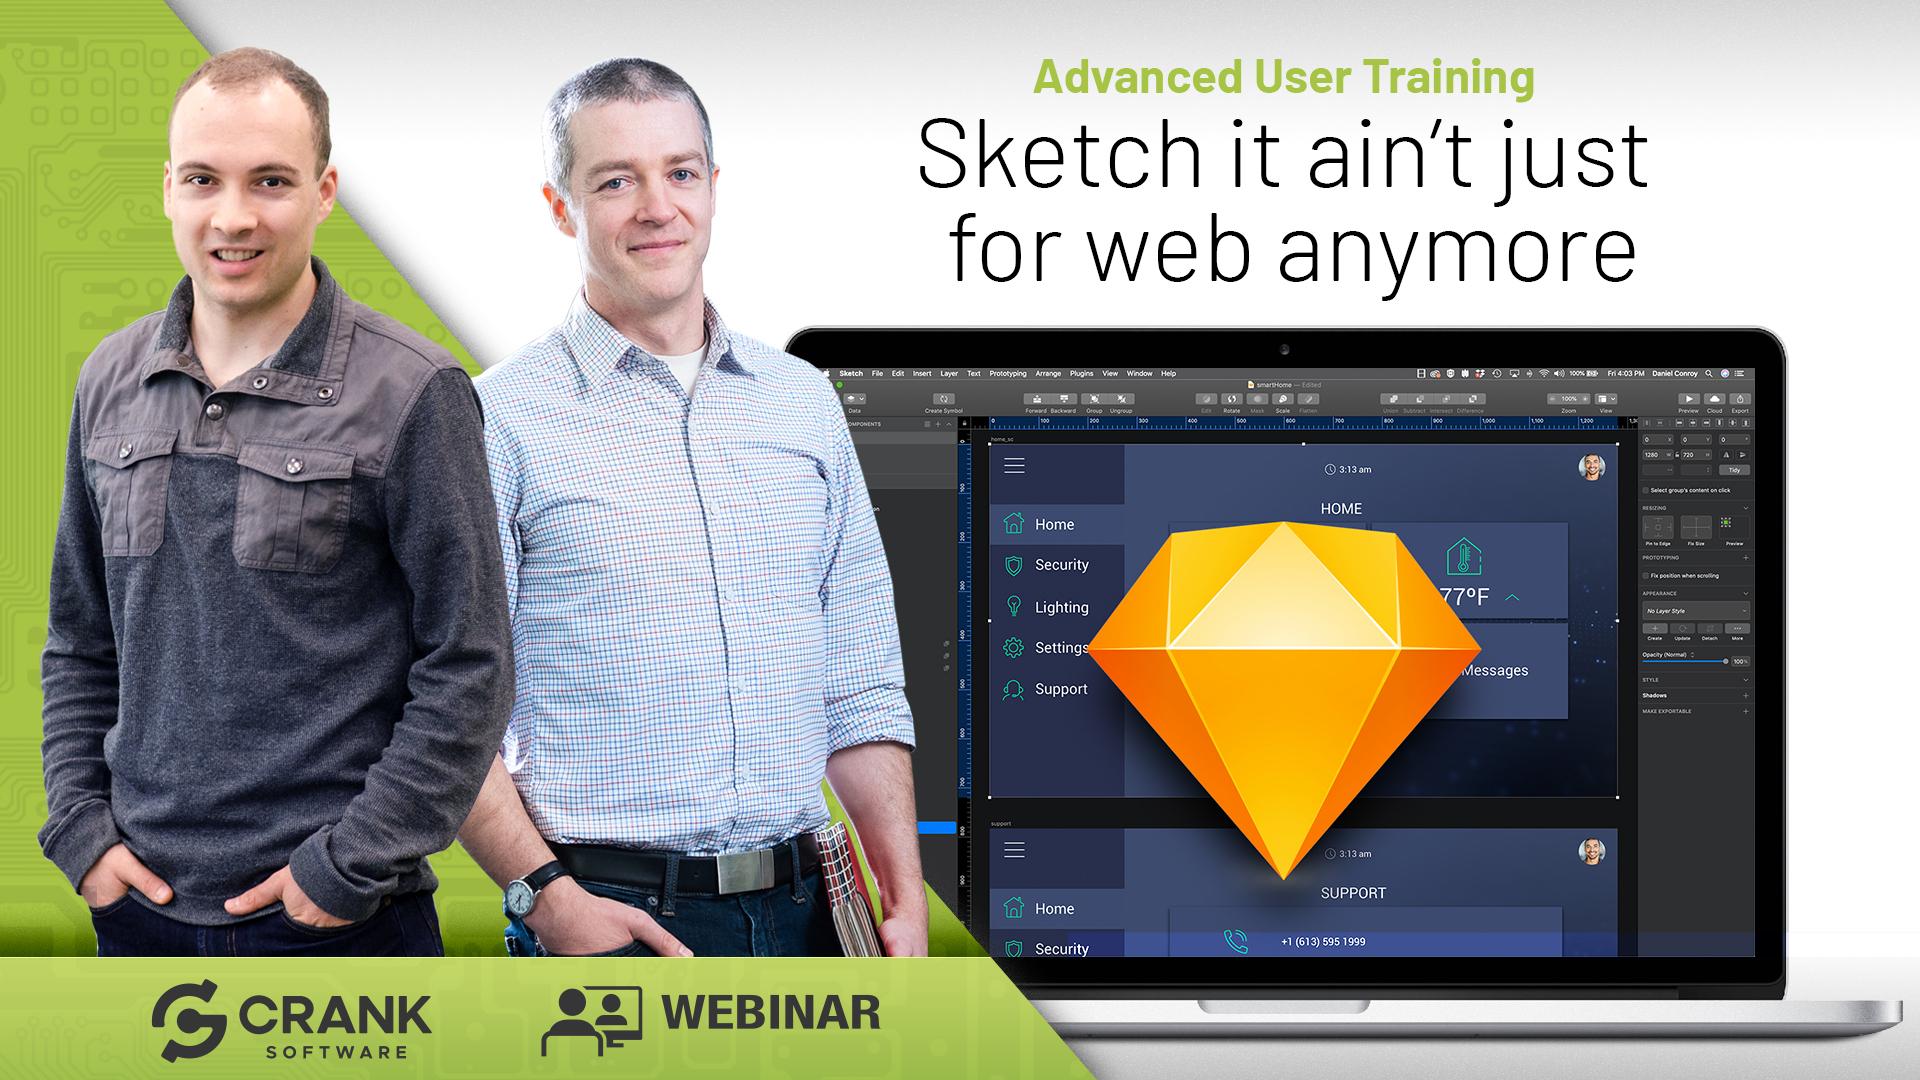 Evan and Dan webinar image